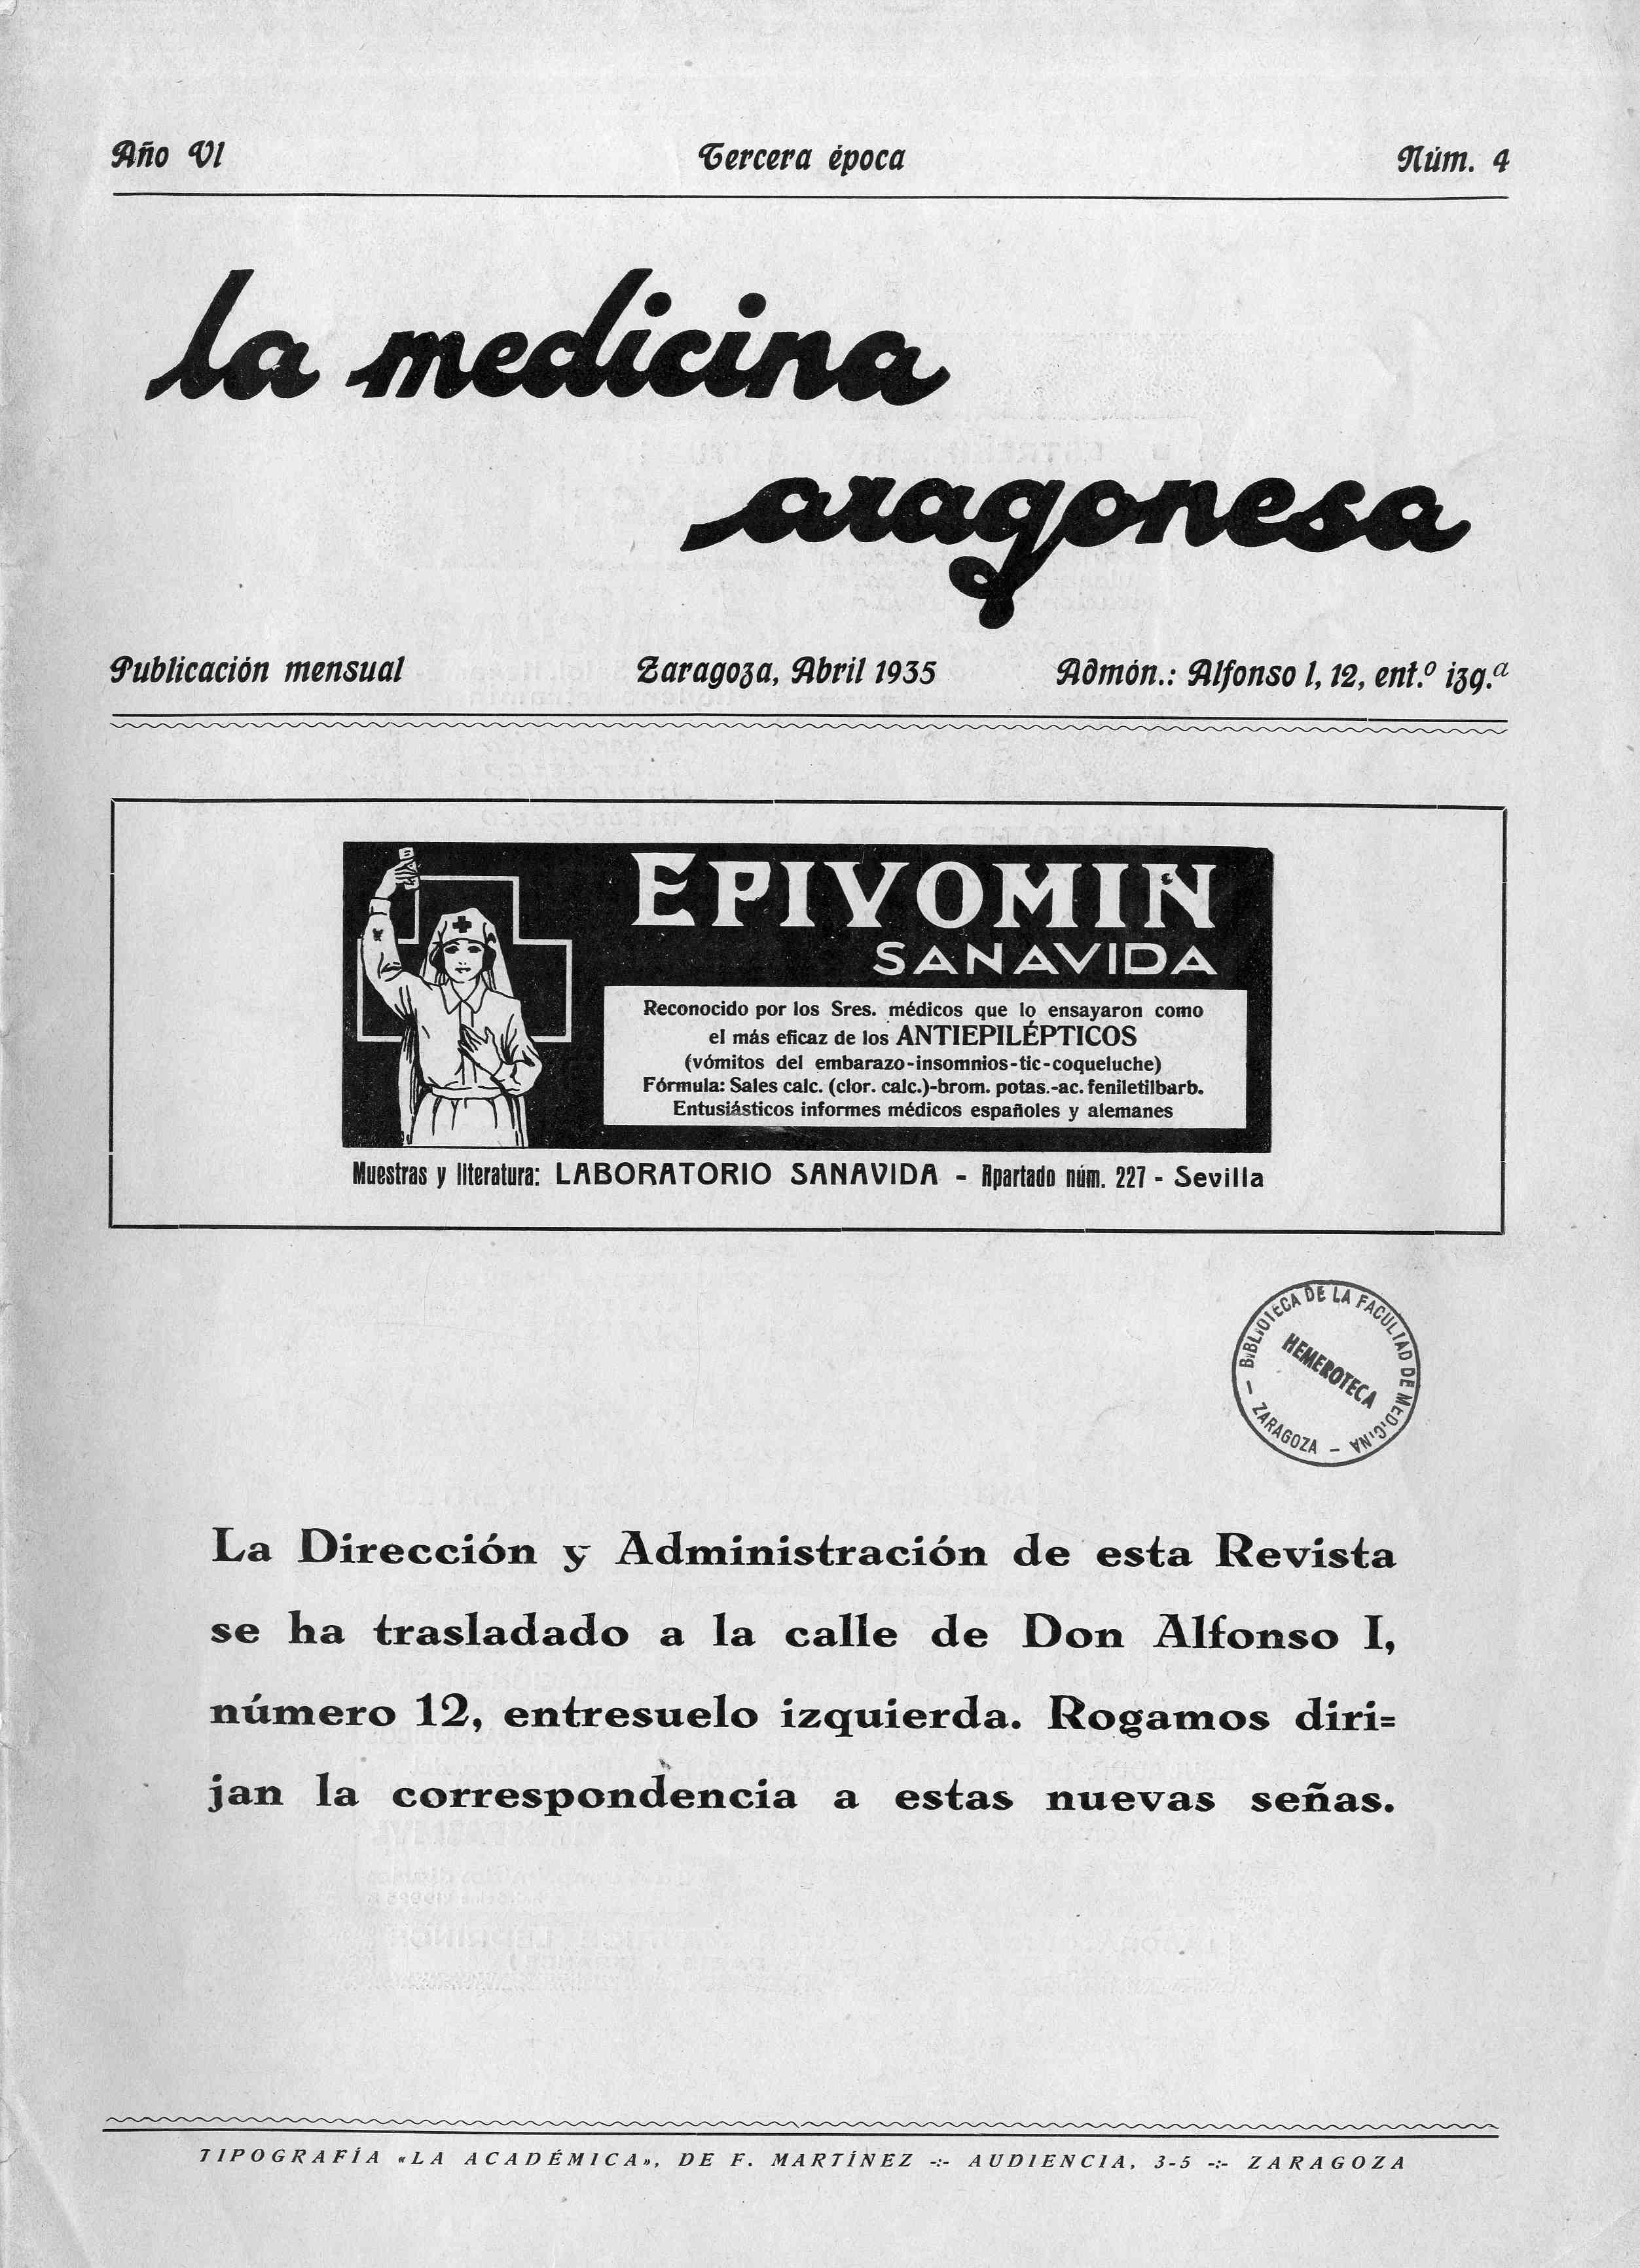 La medicina aragonesa, 3 ª ép., Año  6, n. 4, (1935)